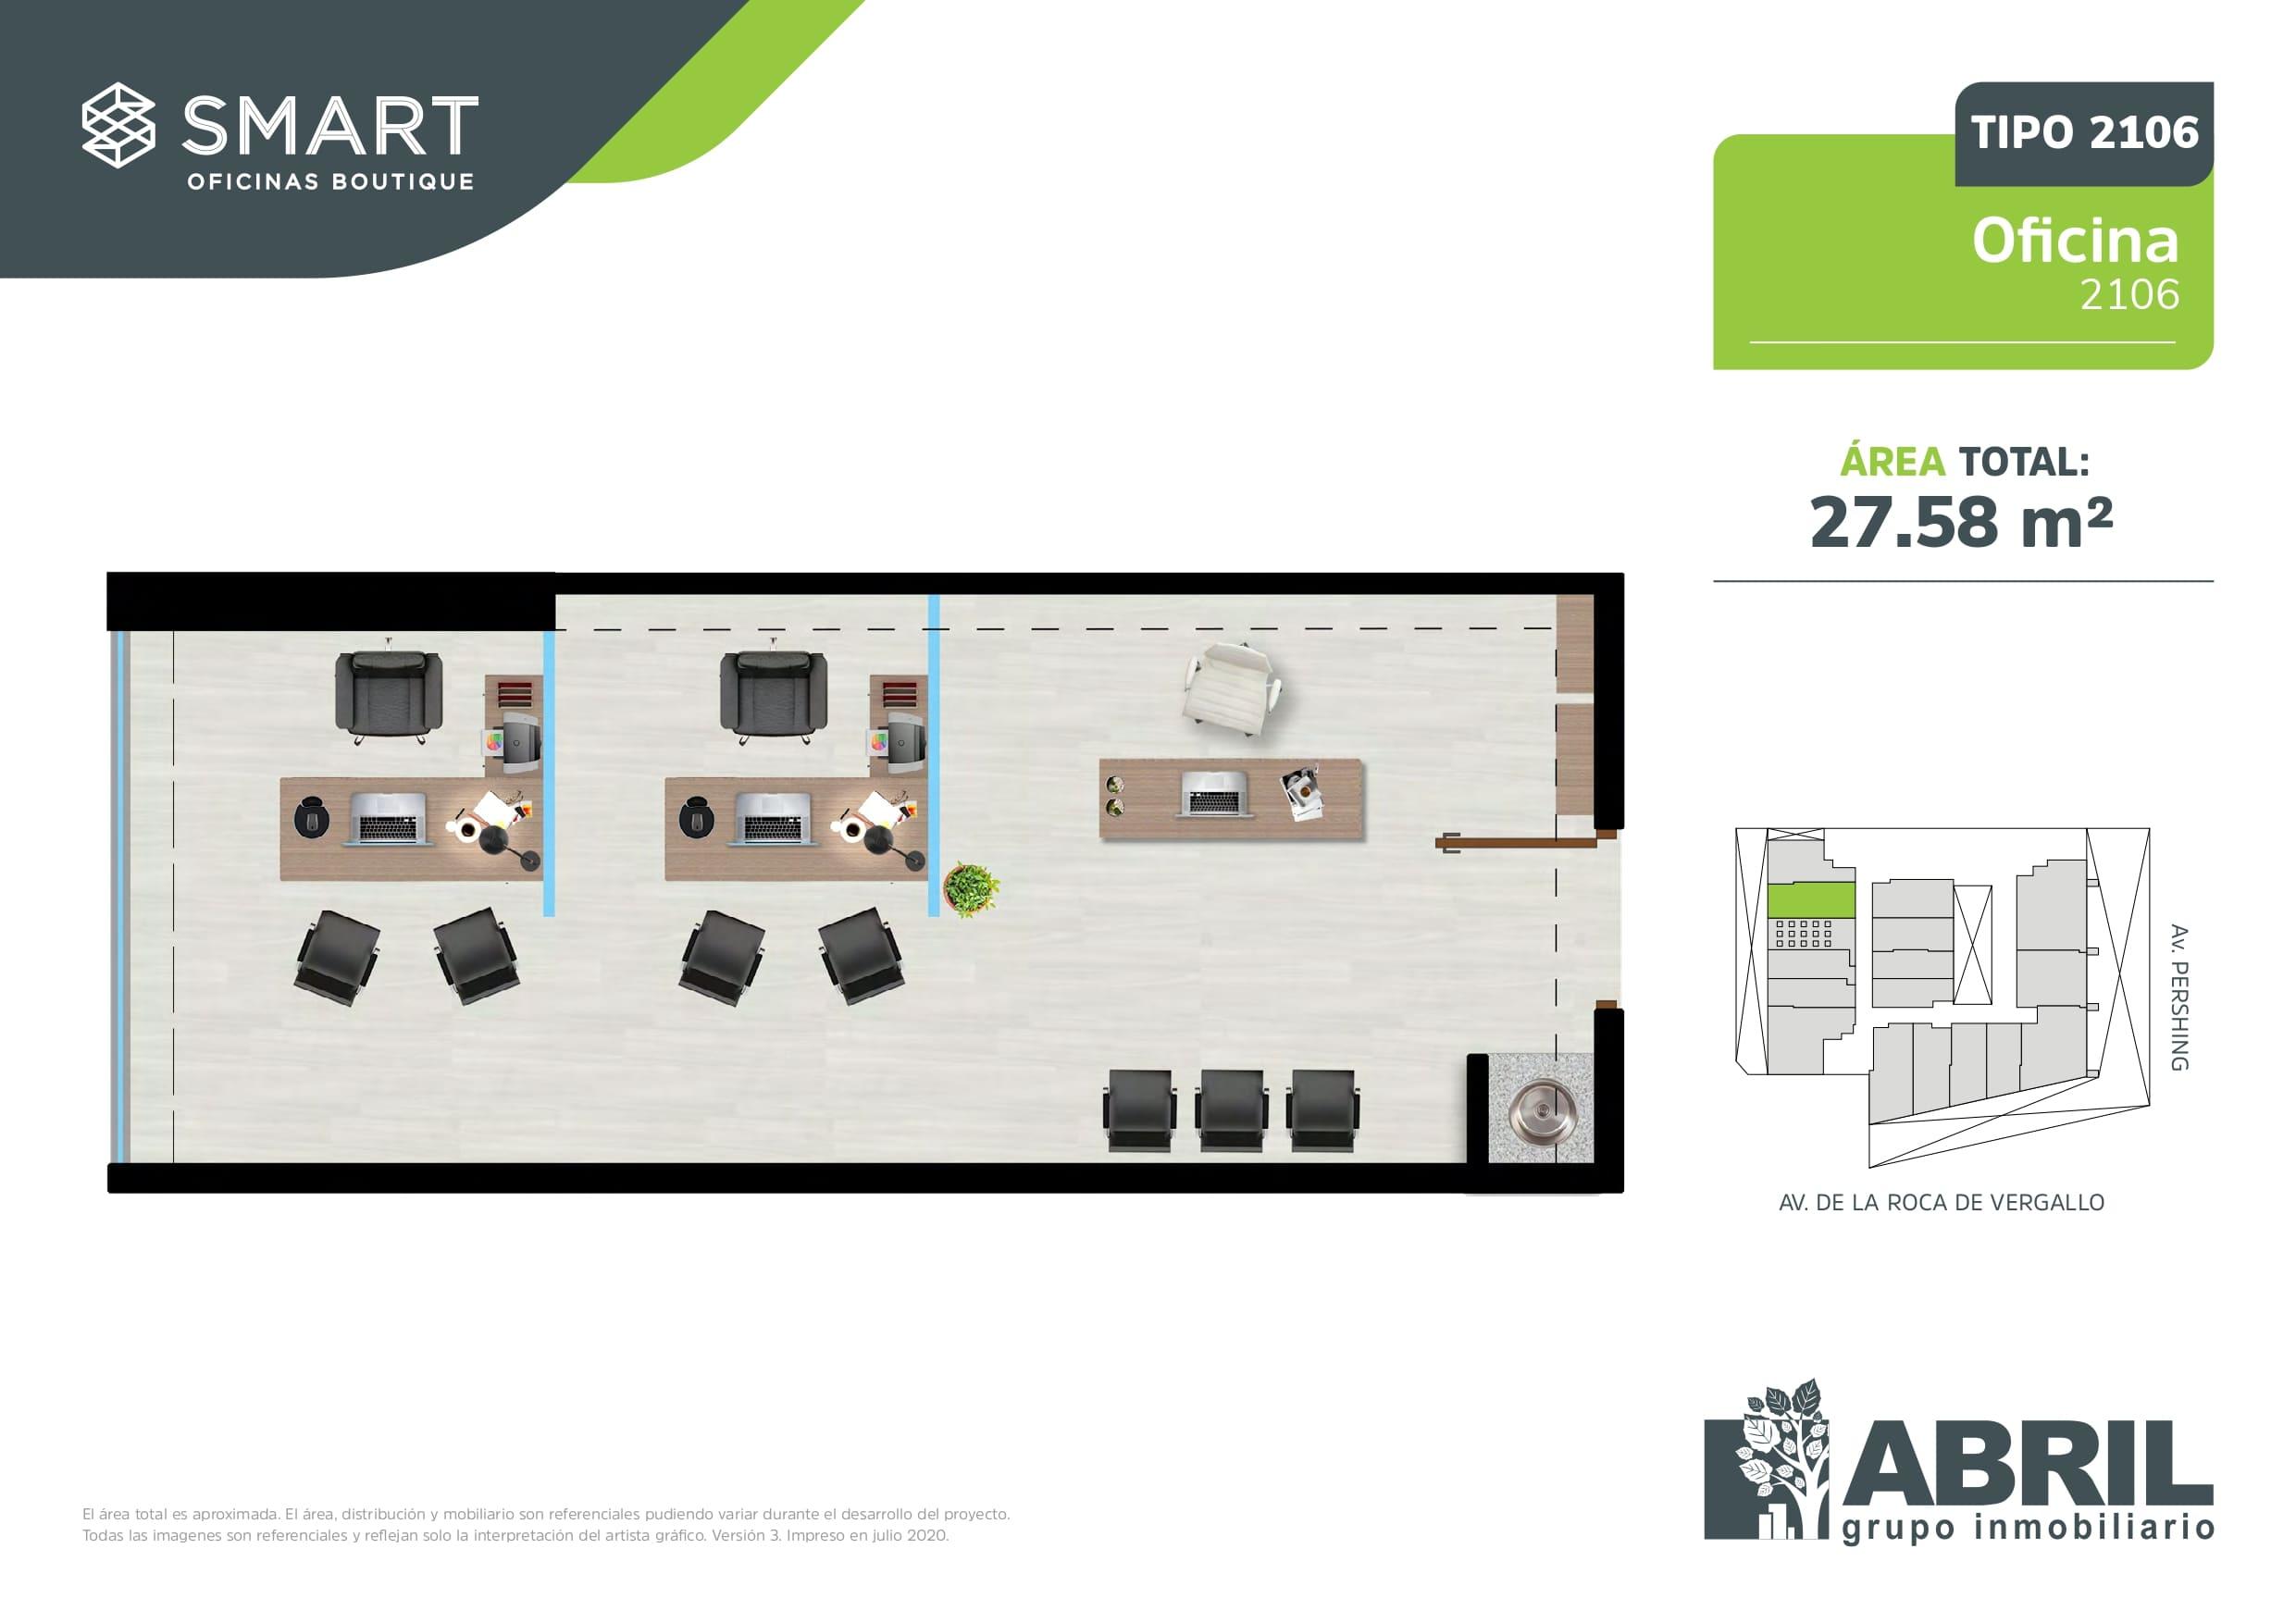 Área total: 27.58 m2